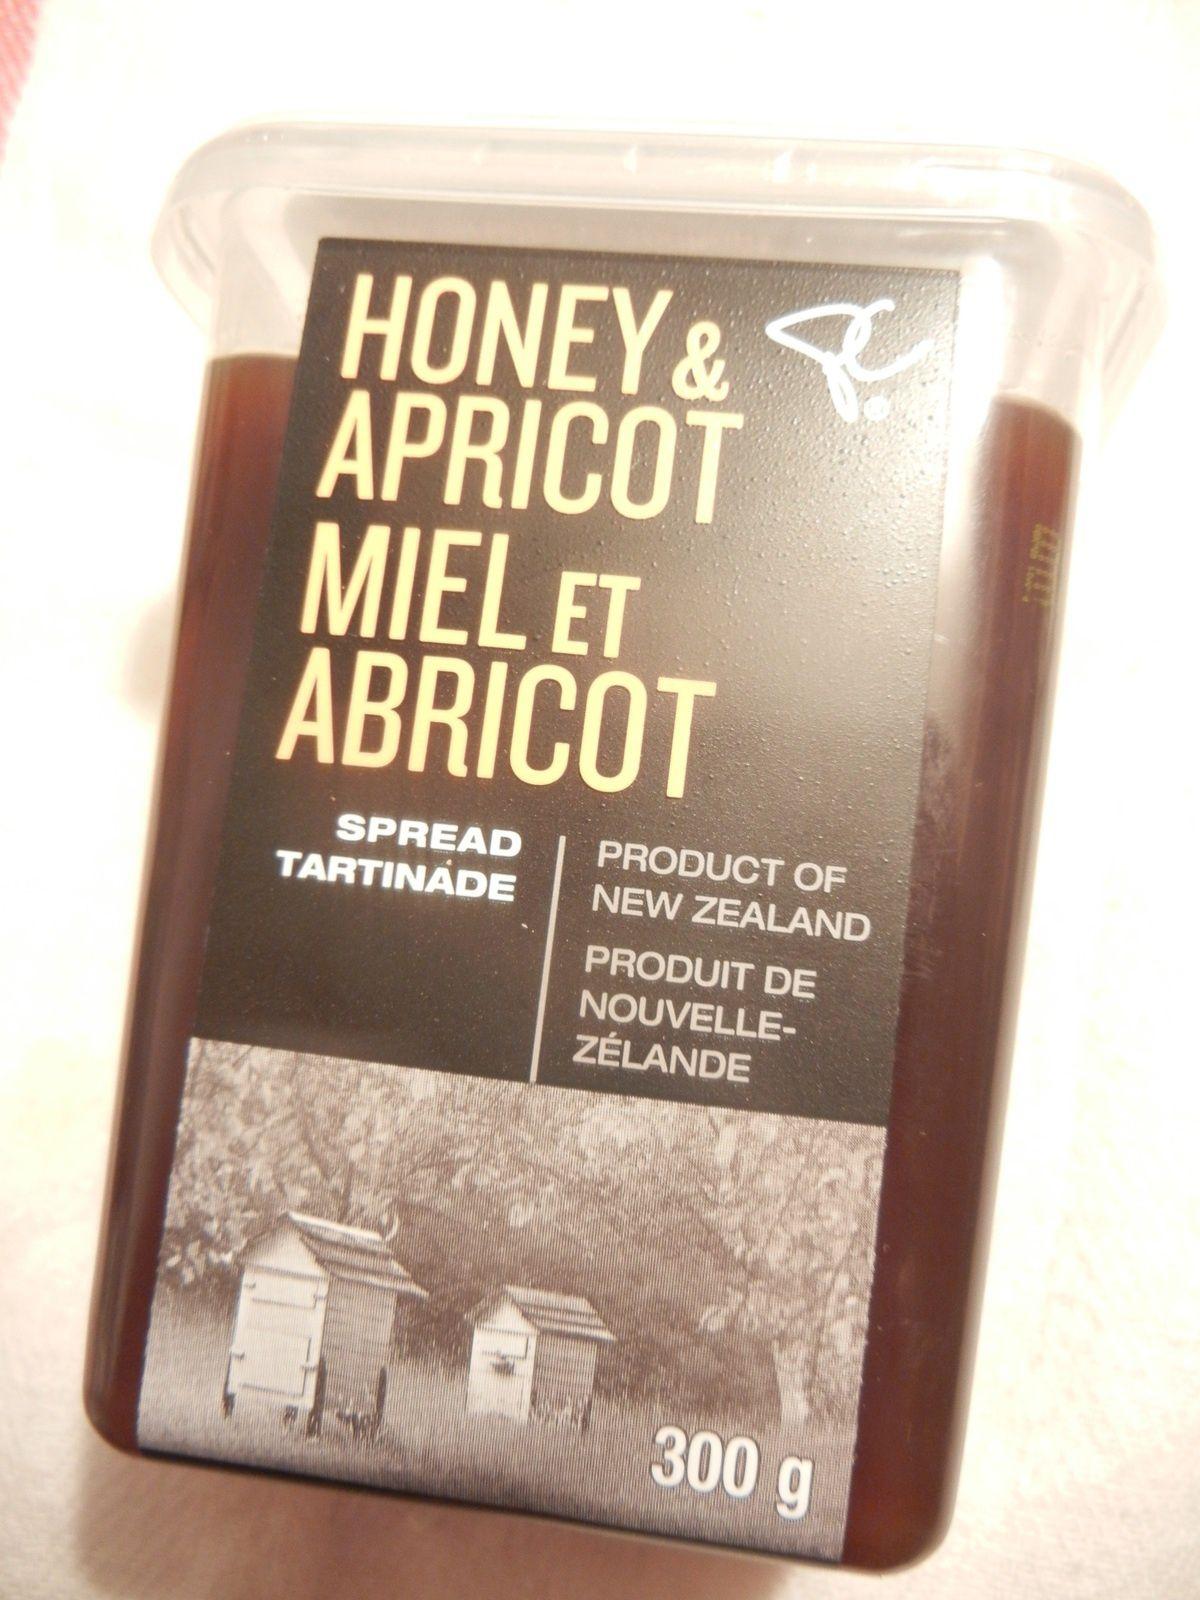 Une tartinade au miel et abricots. Elle va être parfaite avec la brioche que j'ai faite ! (et cette brioche... OMG, elle est trop bonne !)